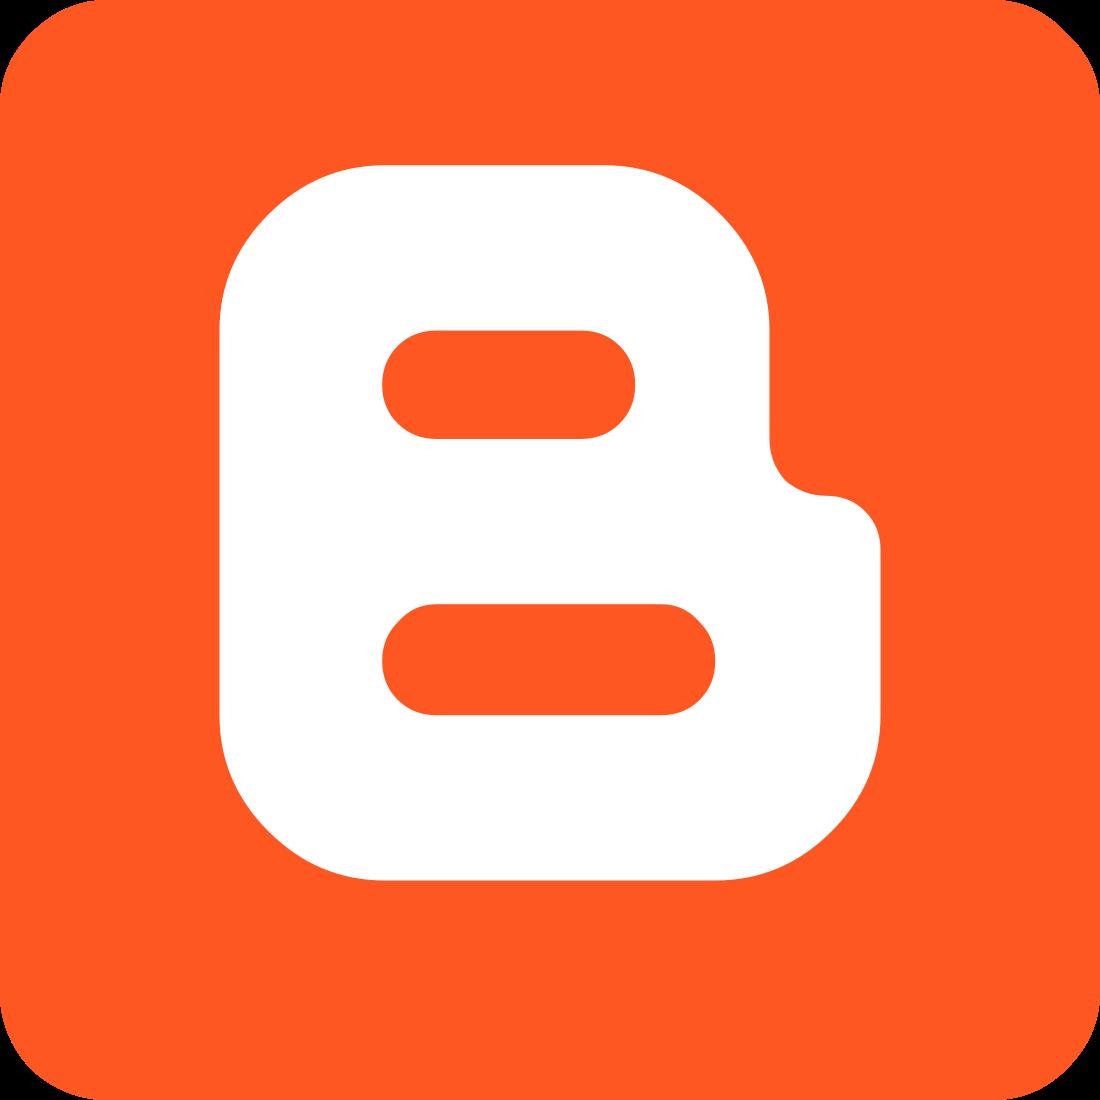 blogger logo icon 3 - Blogger Logo